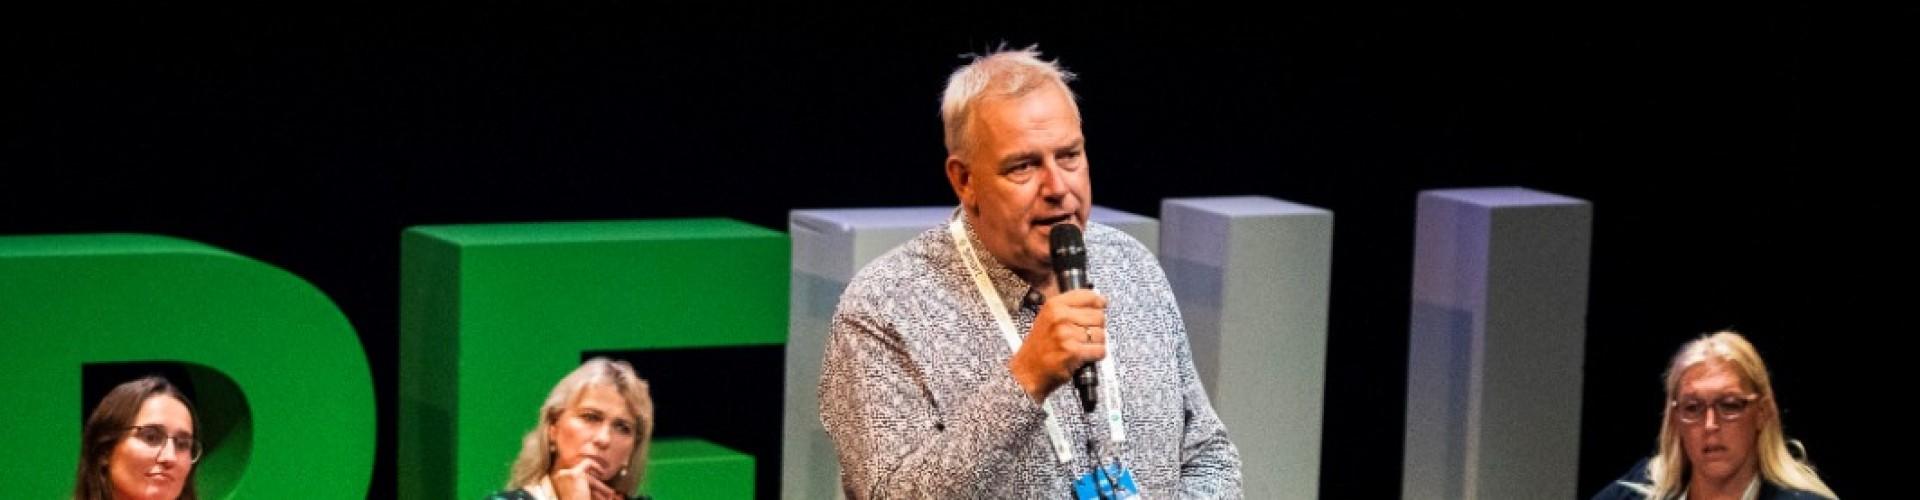 Rolf Meijers